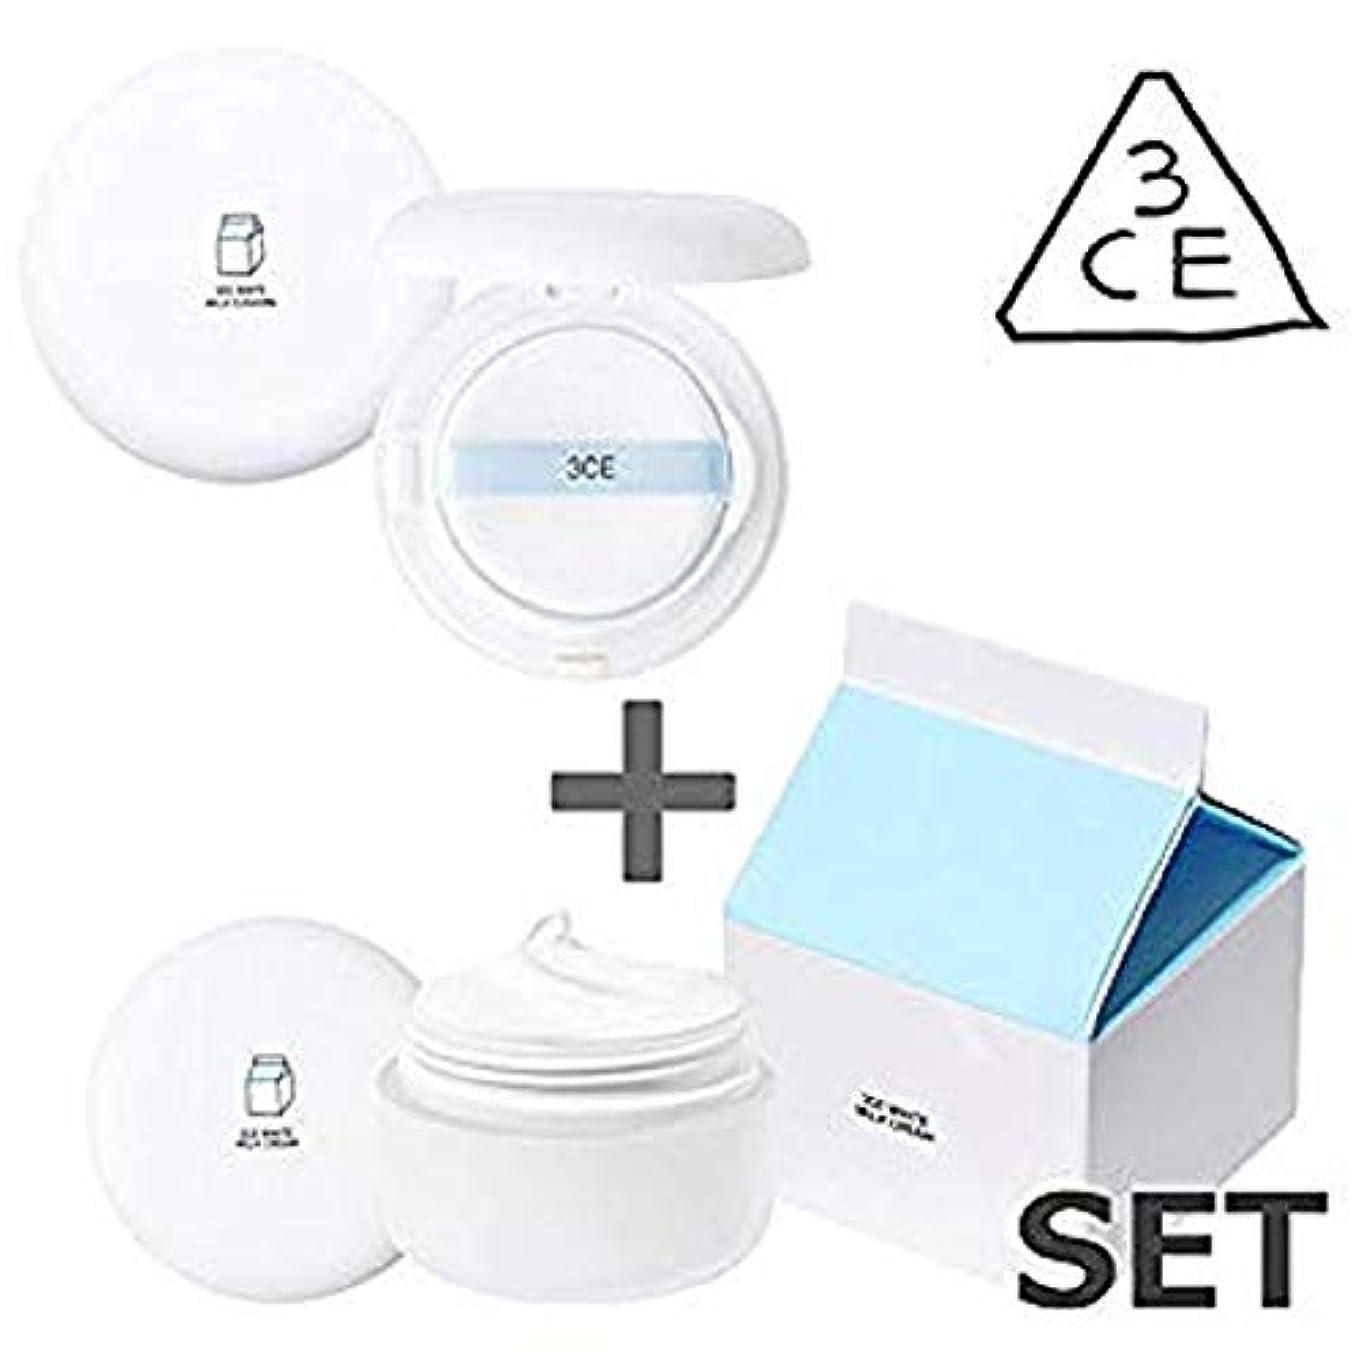 行提案するグループ[3CE / 2個セット] ホワイトミルククリーム & ホワイトミルククッション (White Milk Cream+White Milk Cushion) / 正品?海外直送品